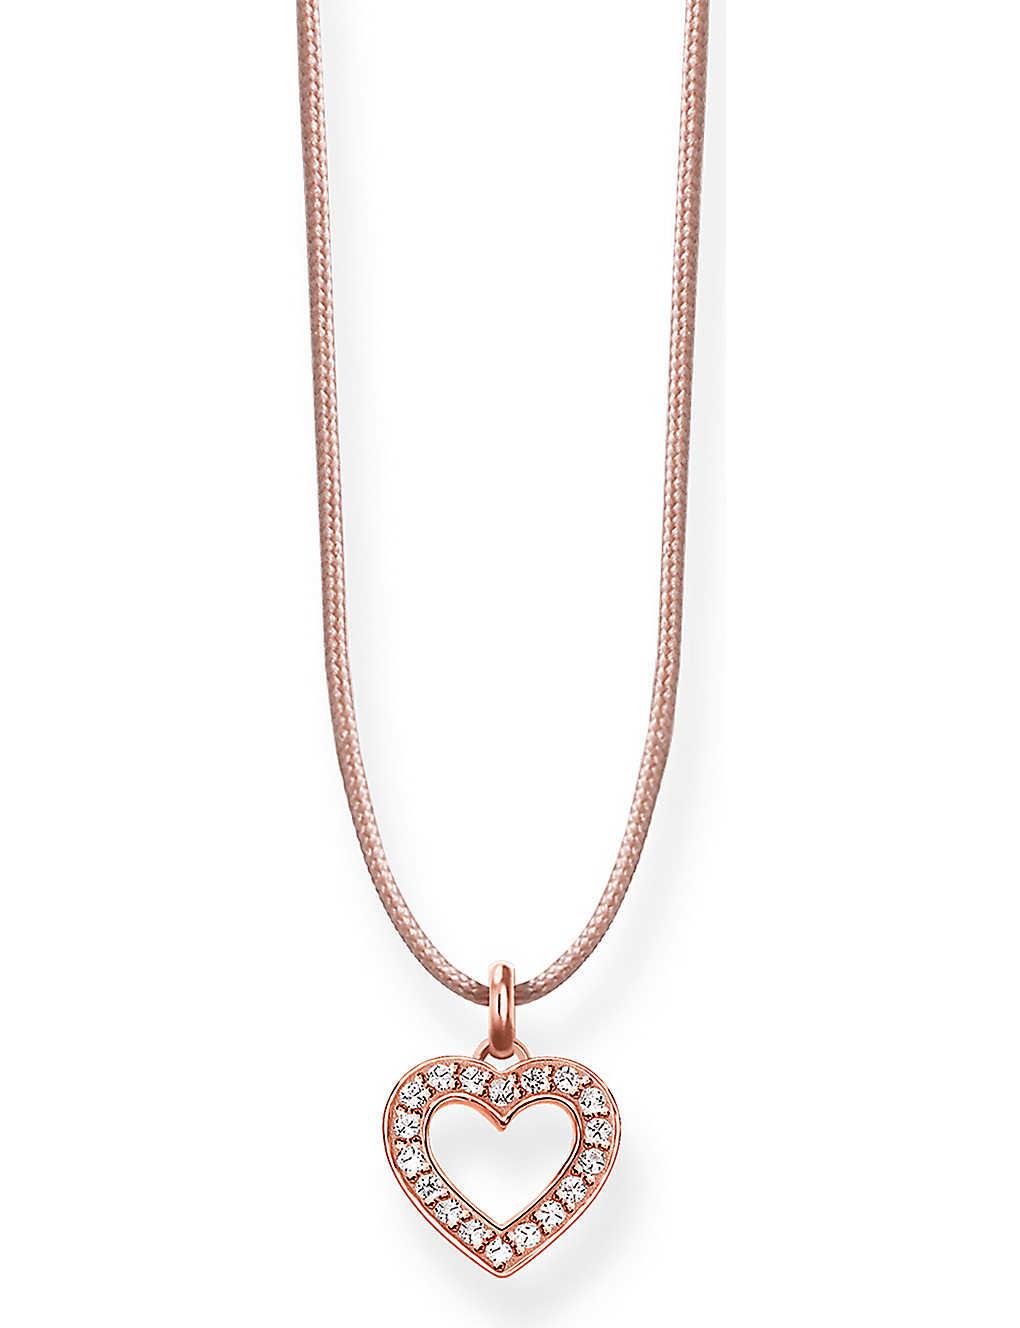 8d496abe5 THOMAS SABO - Little Secrets 18ct rose-gold heart necklace ...